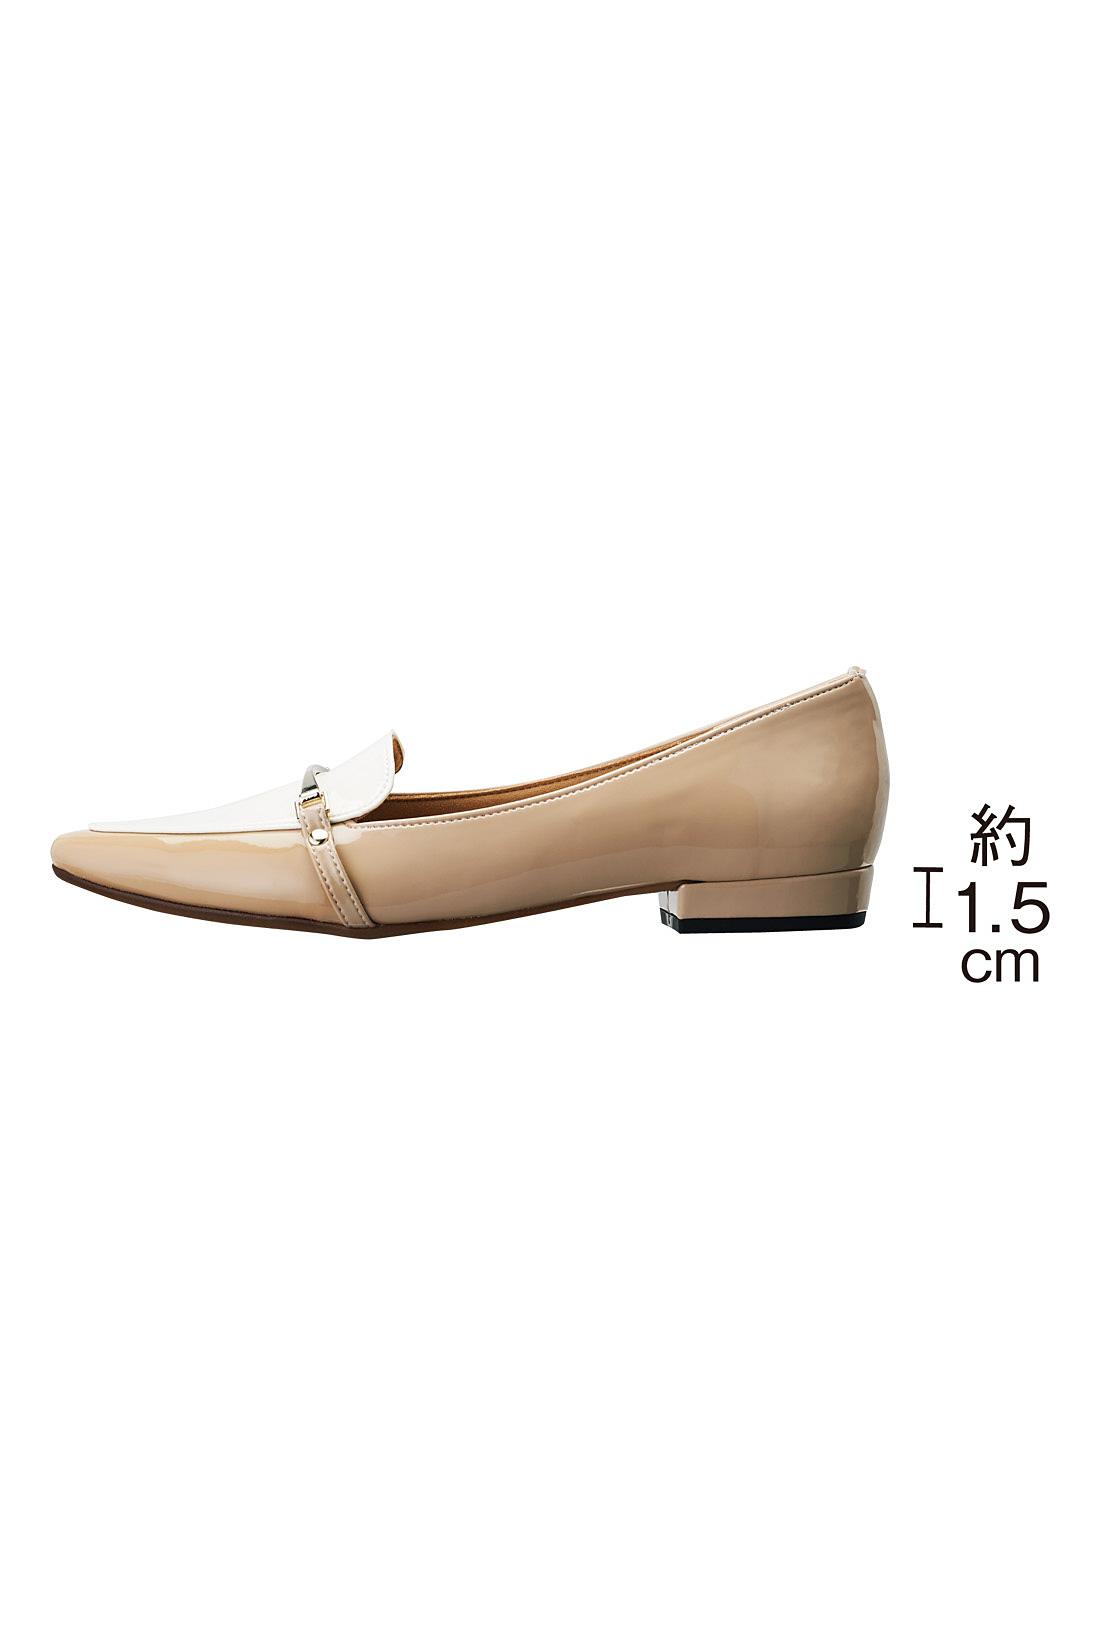 ぺたんこよりも歩きやすく、足をきれいに見せる1.5cmヒール。※お届けするカラーとは異なります。